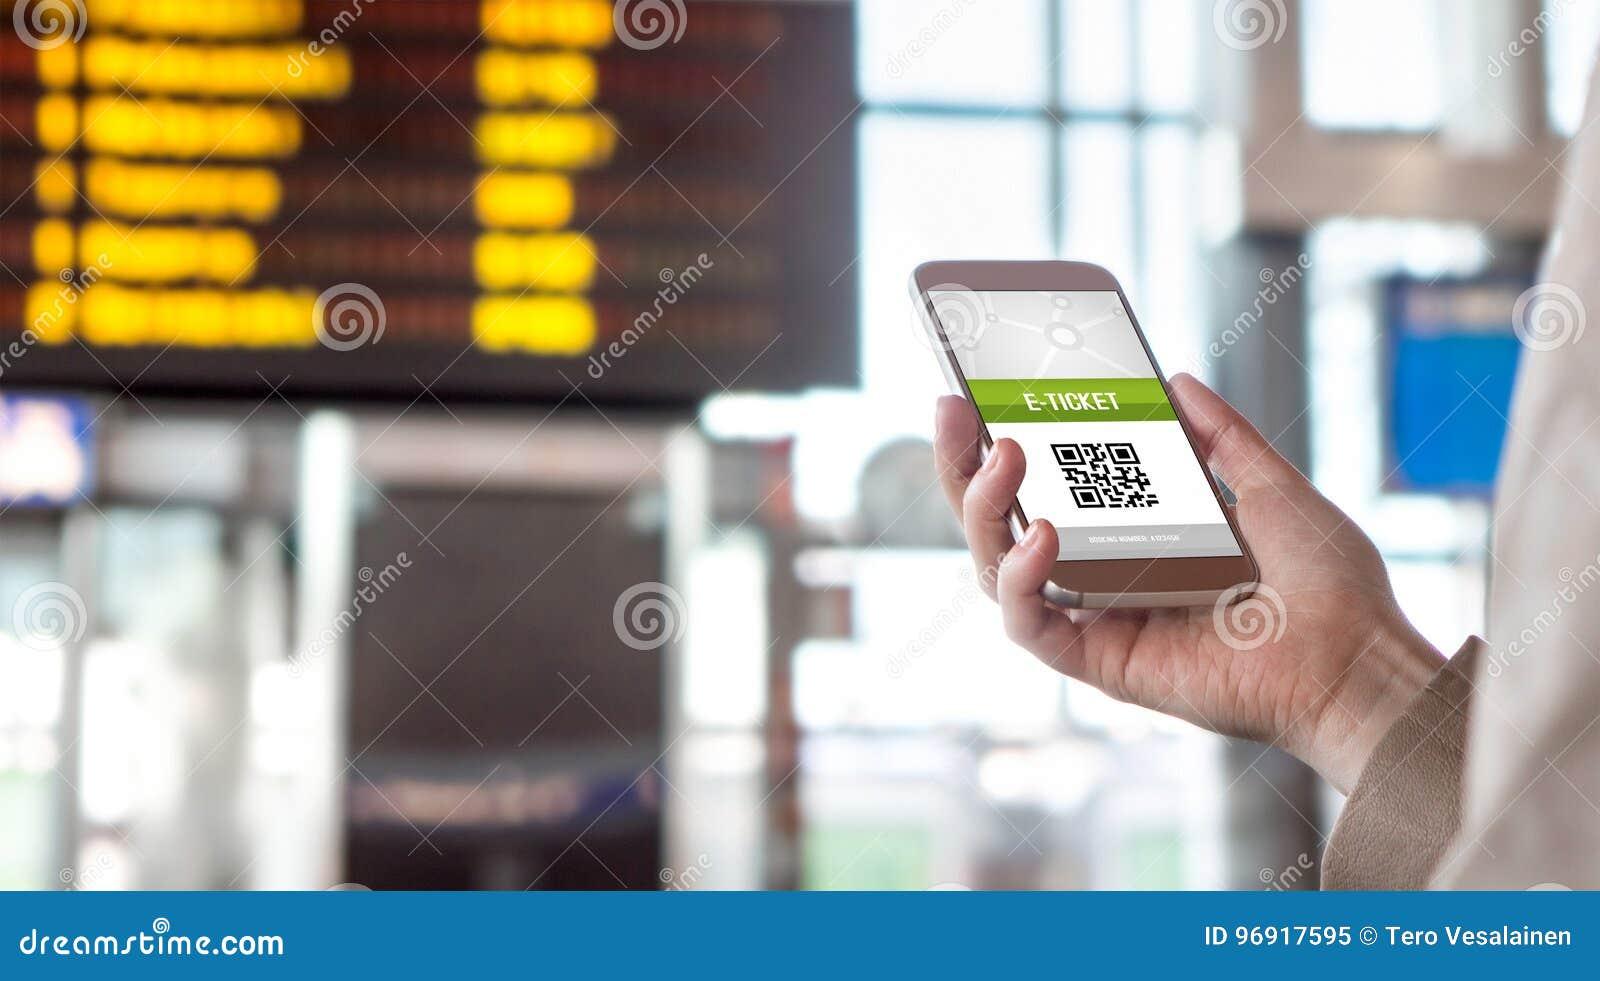 Billet en ligne de achat d Internet E-billet sur l écran de téléphone portable